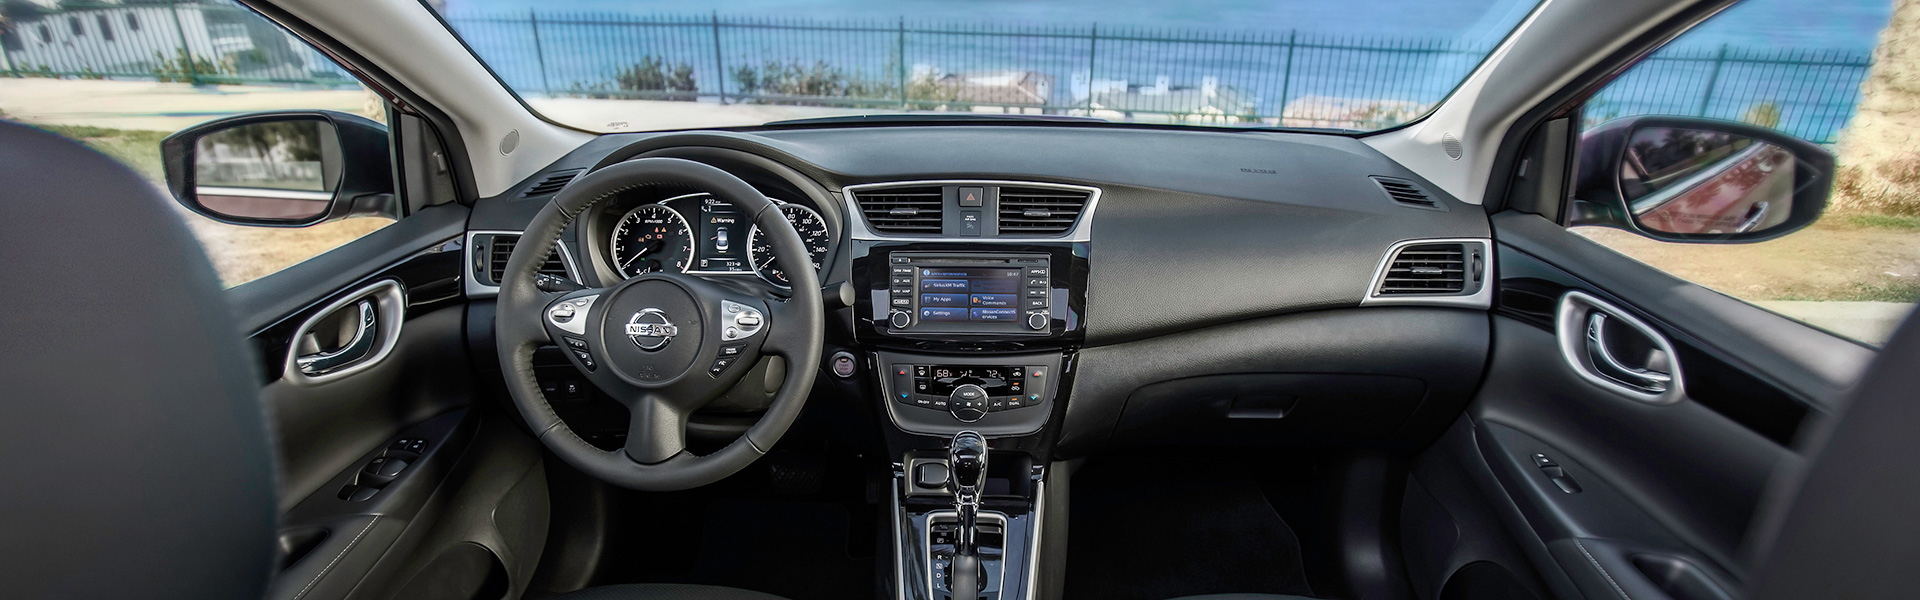 Nissan dash